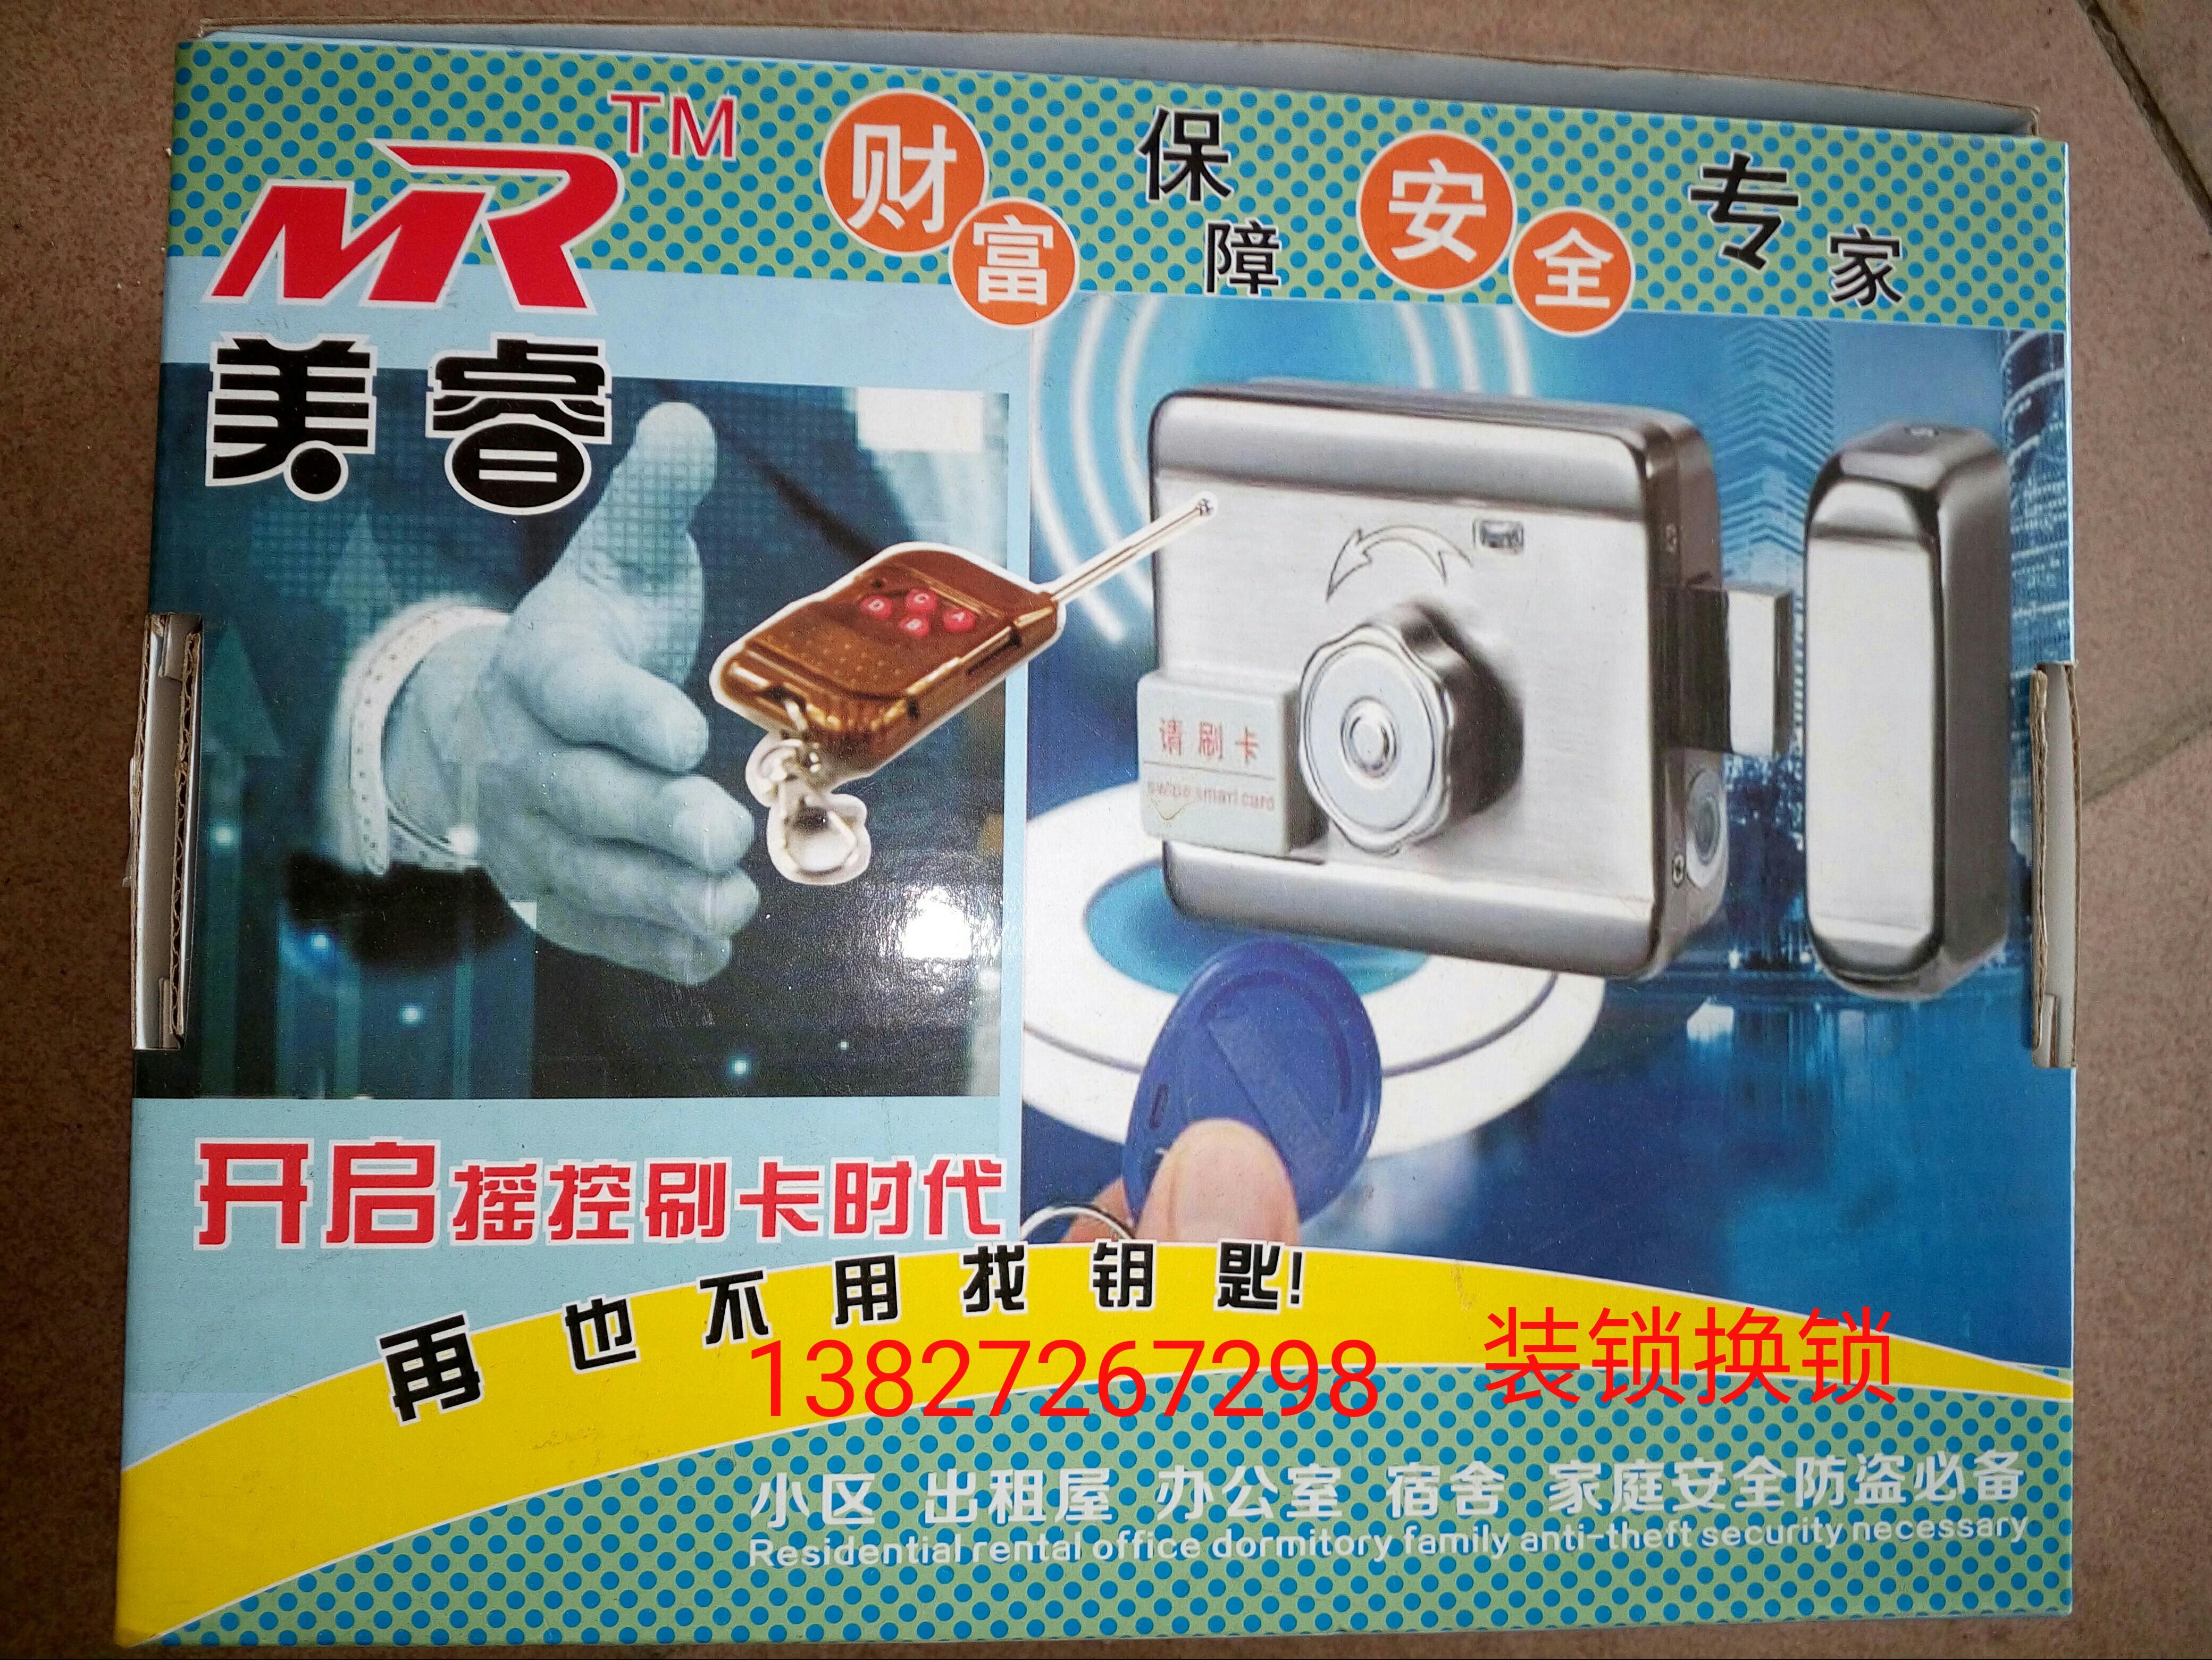 卷闸门锁 玻璃门锁 防盗锁 指纹锁 电子锁